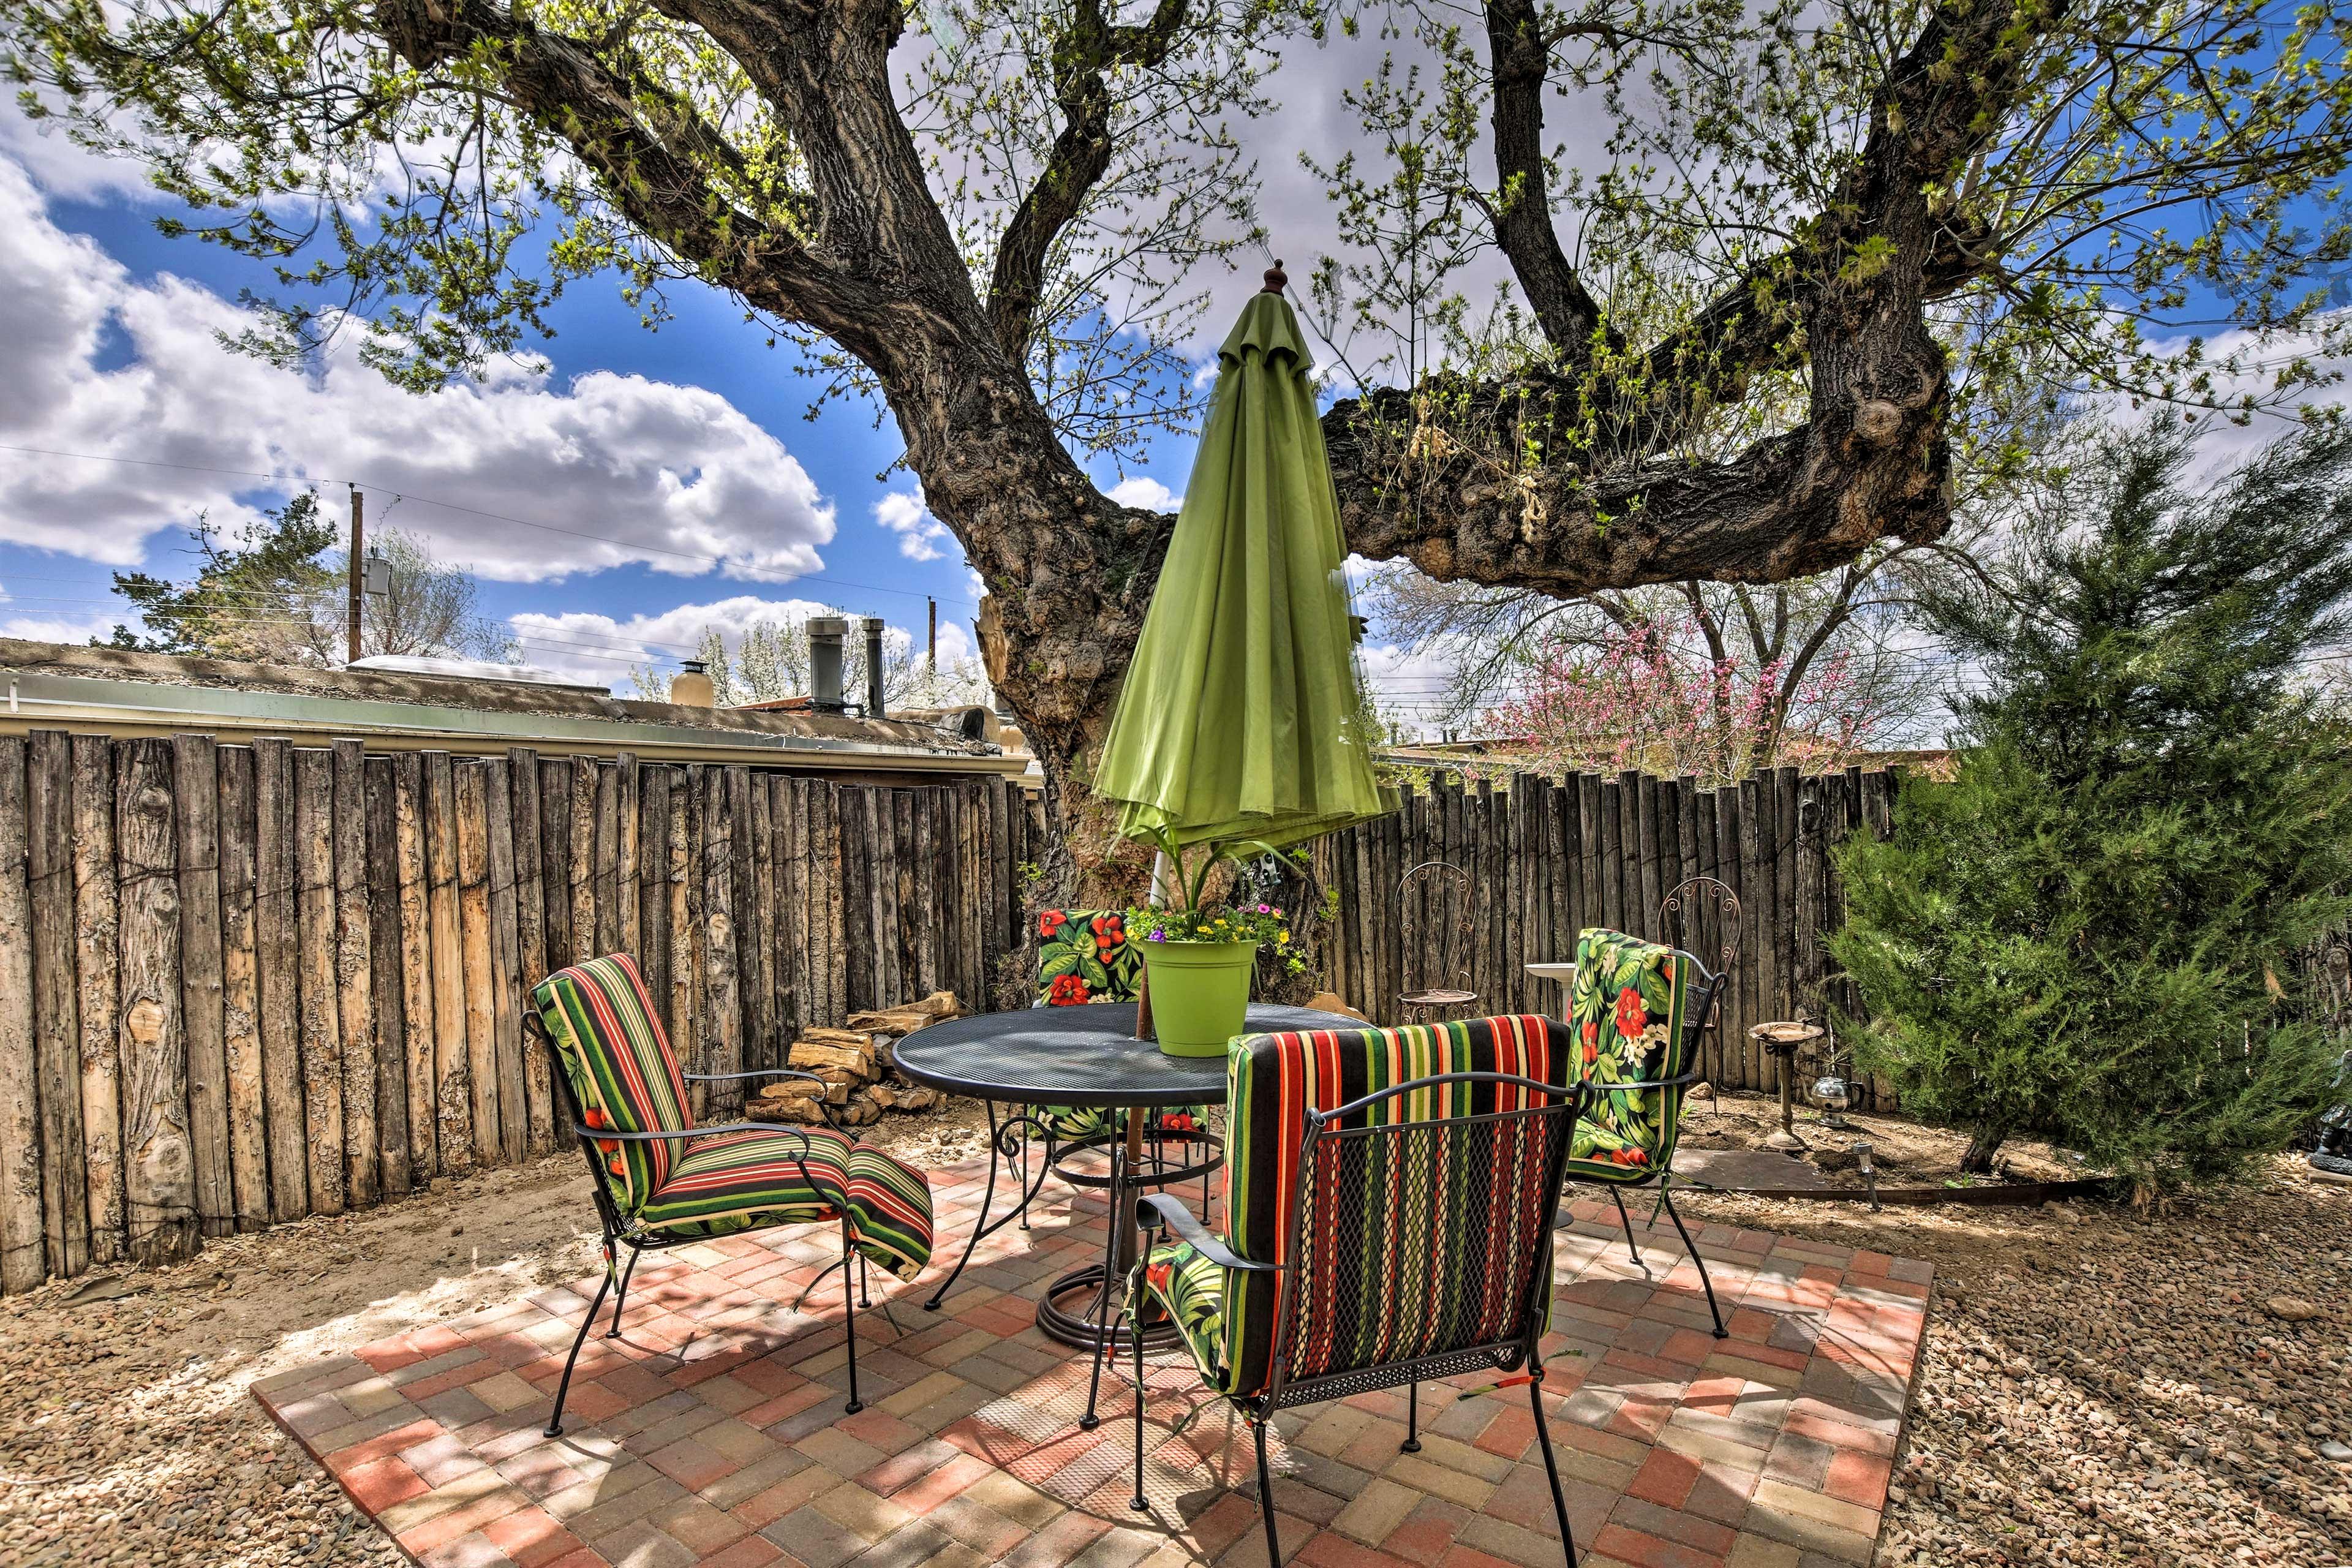 Dine al fresco and put up the umbrella for shade.